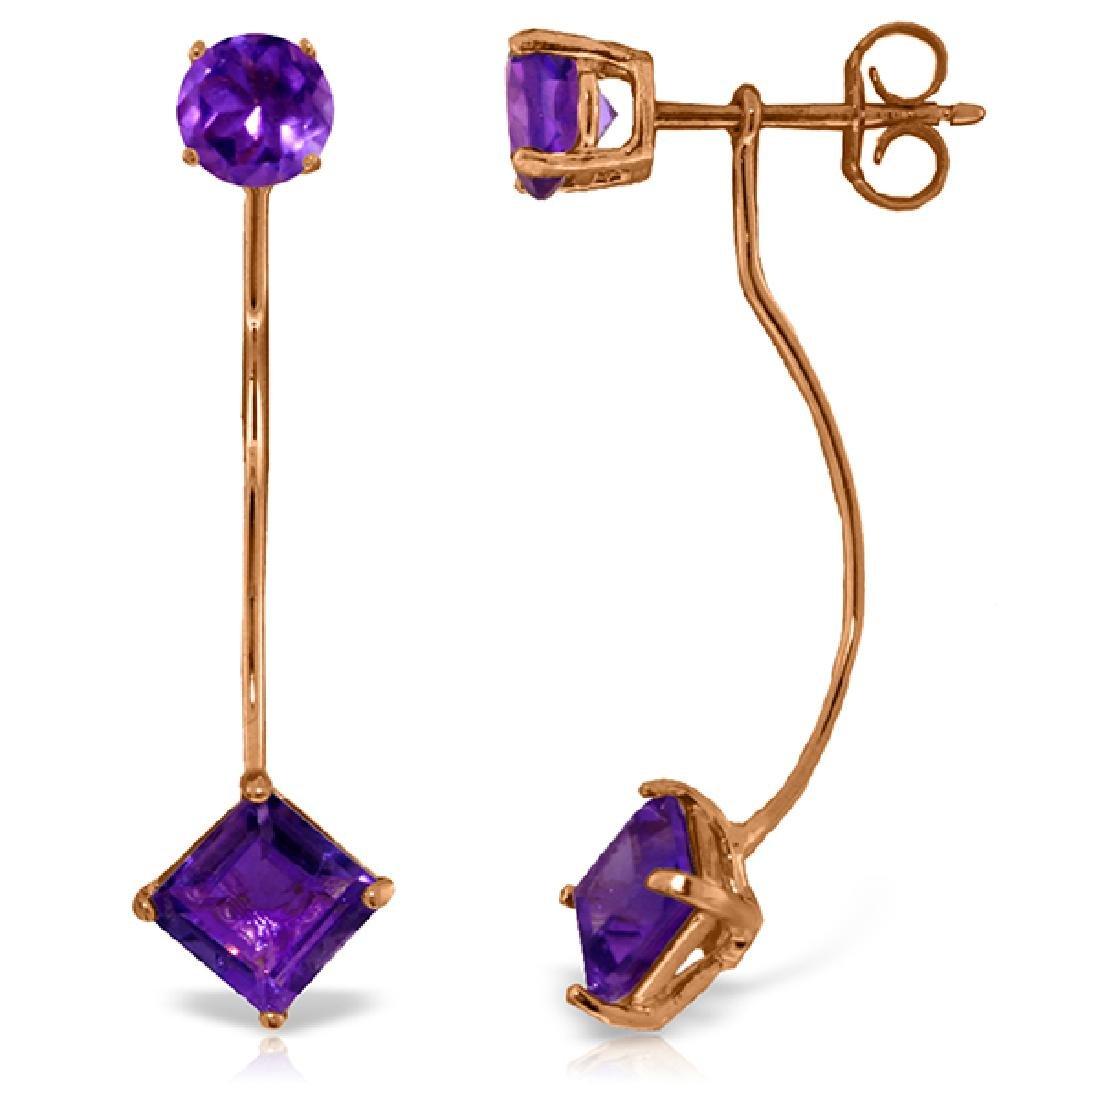 Genuine 4.15 ctw Amethyst Earrings Jewelry 14KT Rose